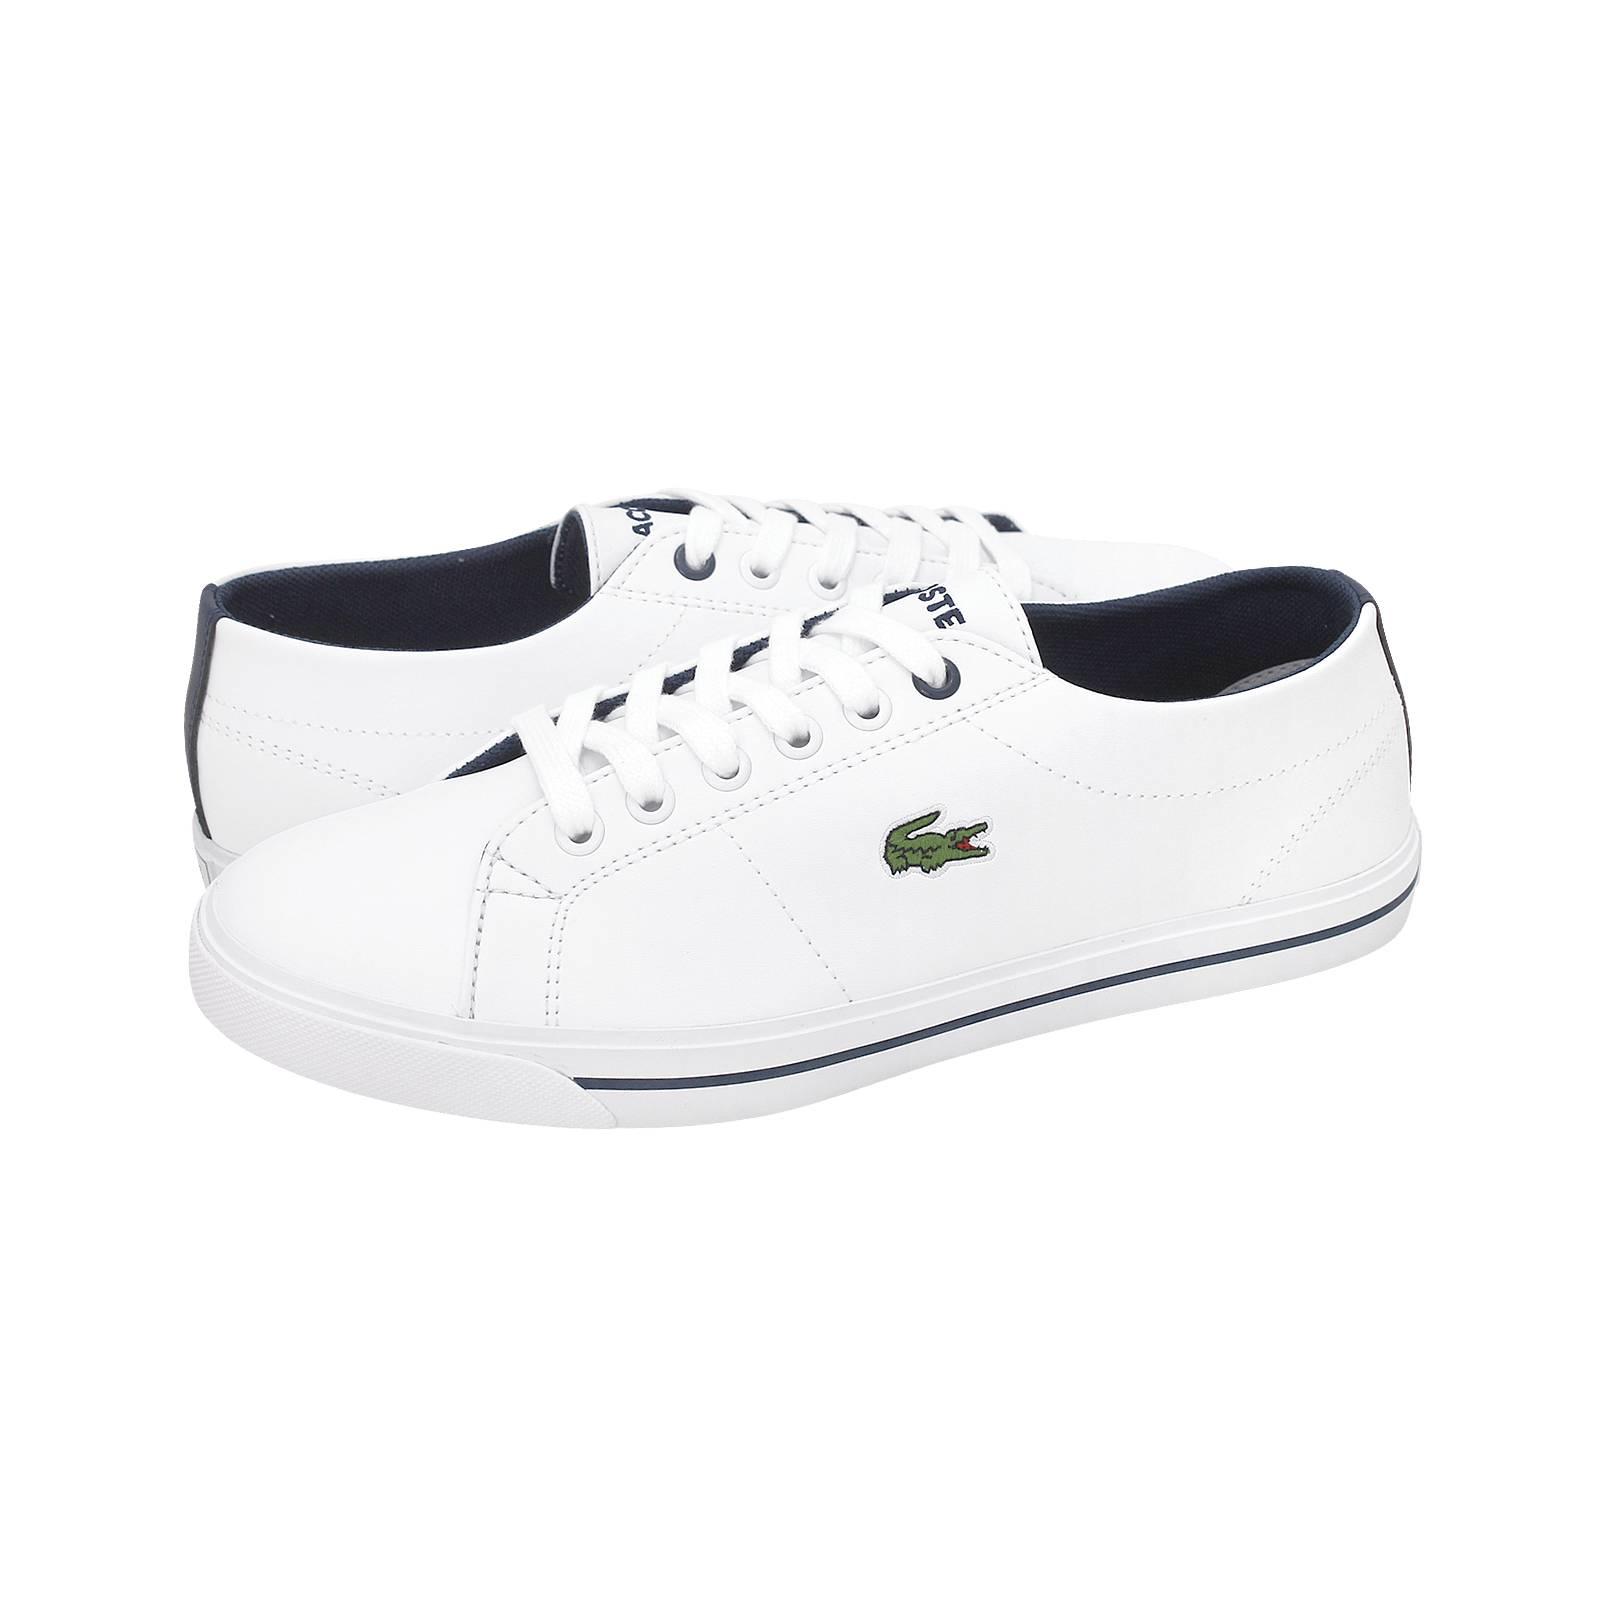 Riberac 117 1 - Παιδικά παπούτσια casual Lacoste από δερμα συνθετικο ... 67b58edb880